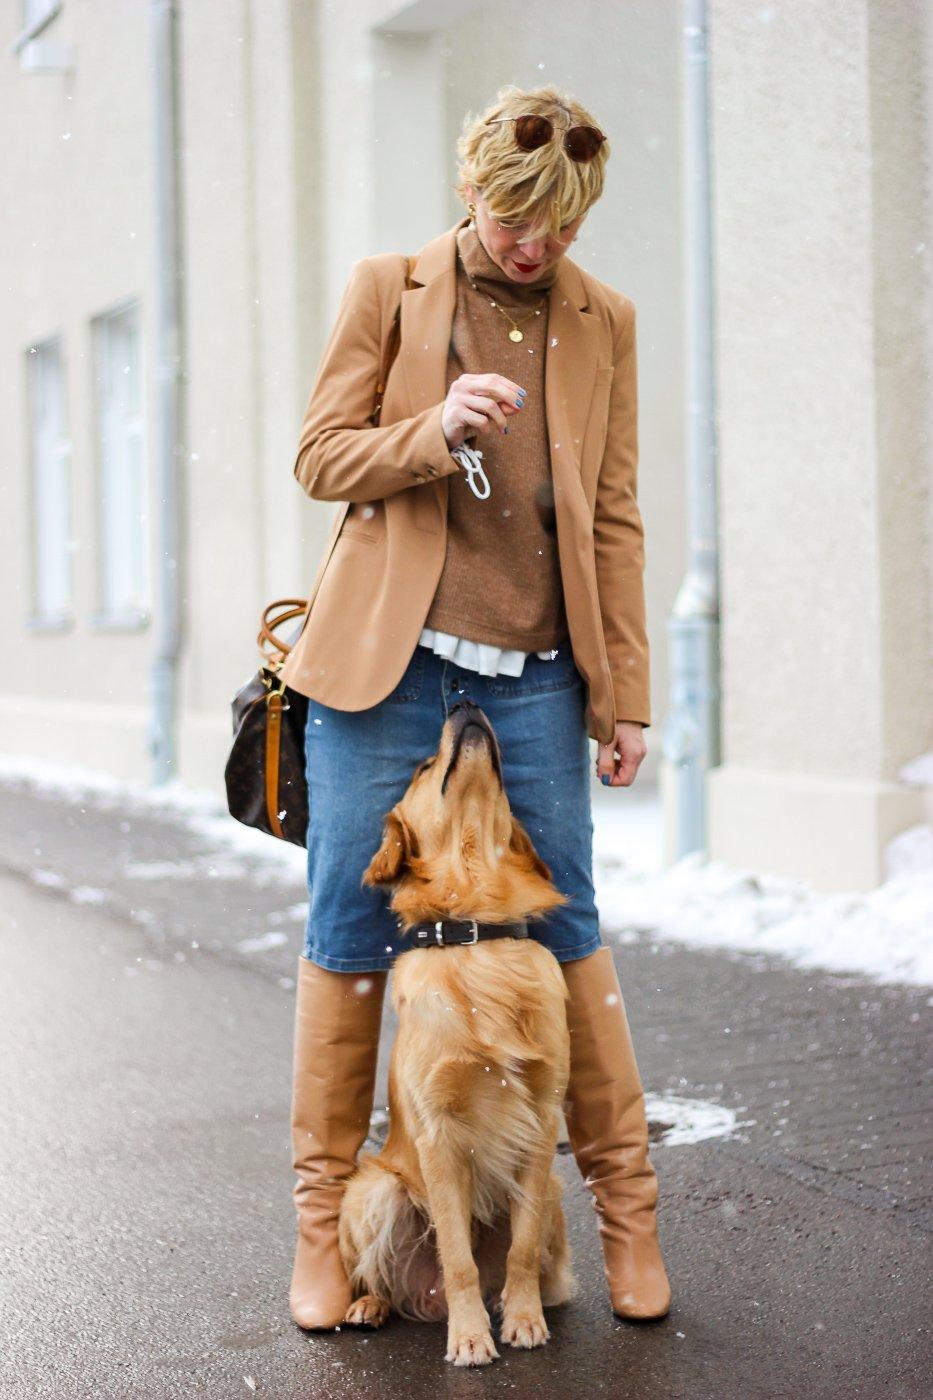 conny doll lifestyle: Fashionblogger, Hunde, Erziehung, Familienleben, Winteroufit, Jeansrock mit Stiefel, Pullunder und Blazer